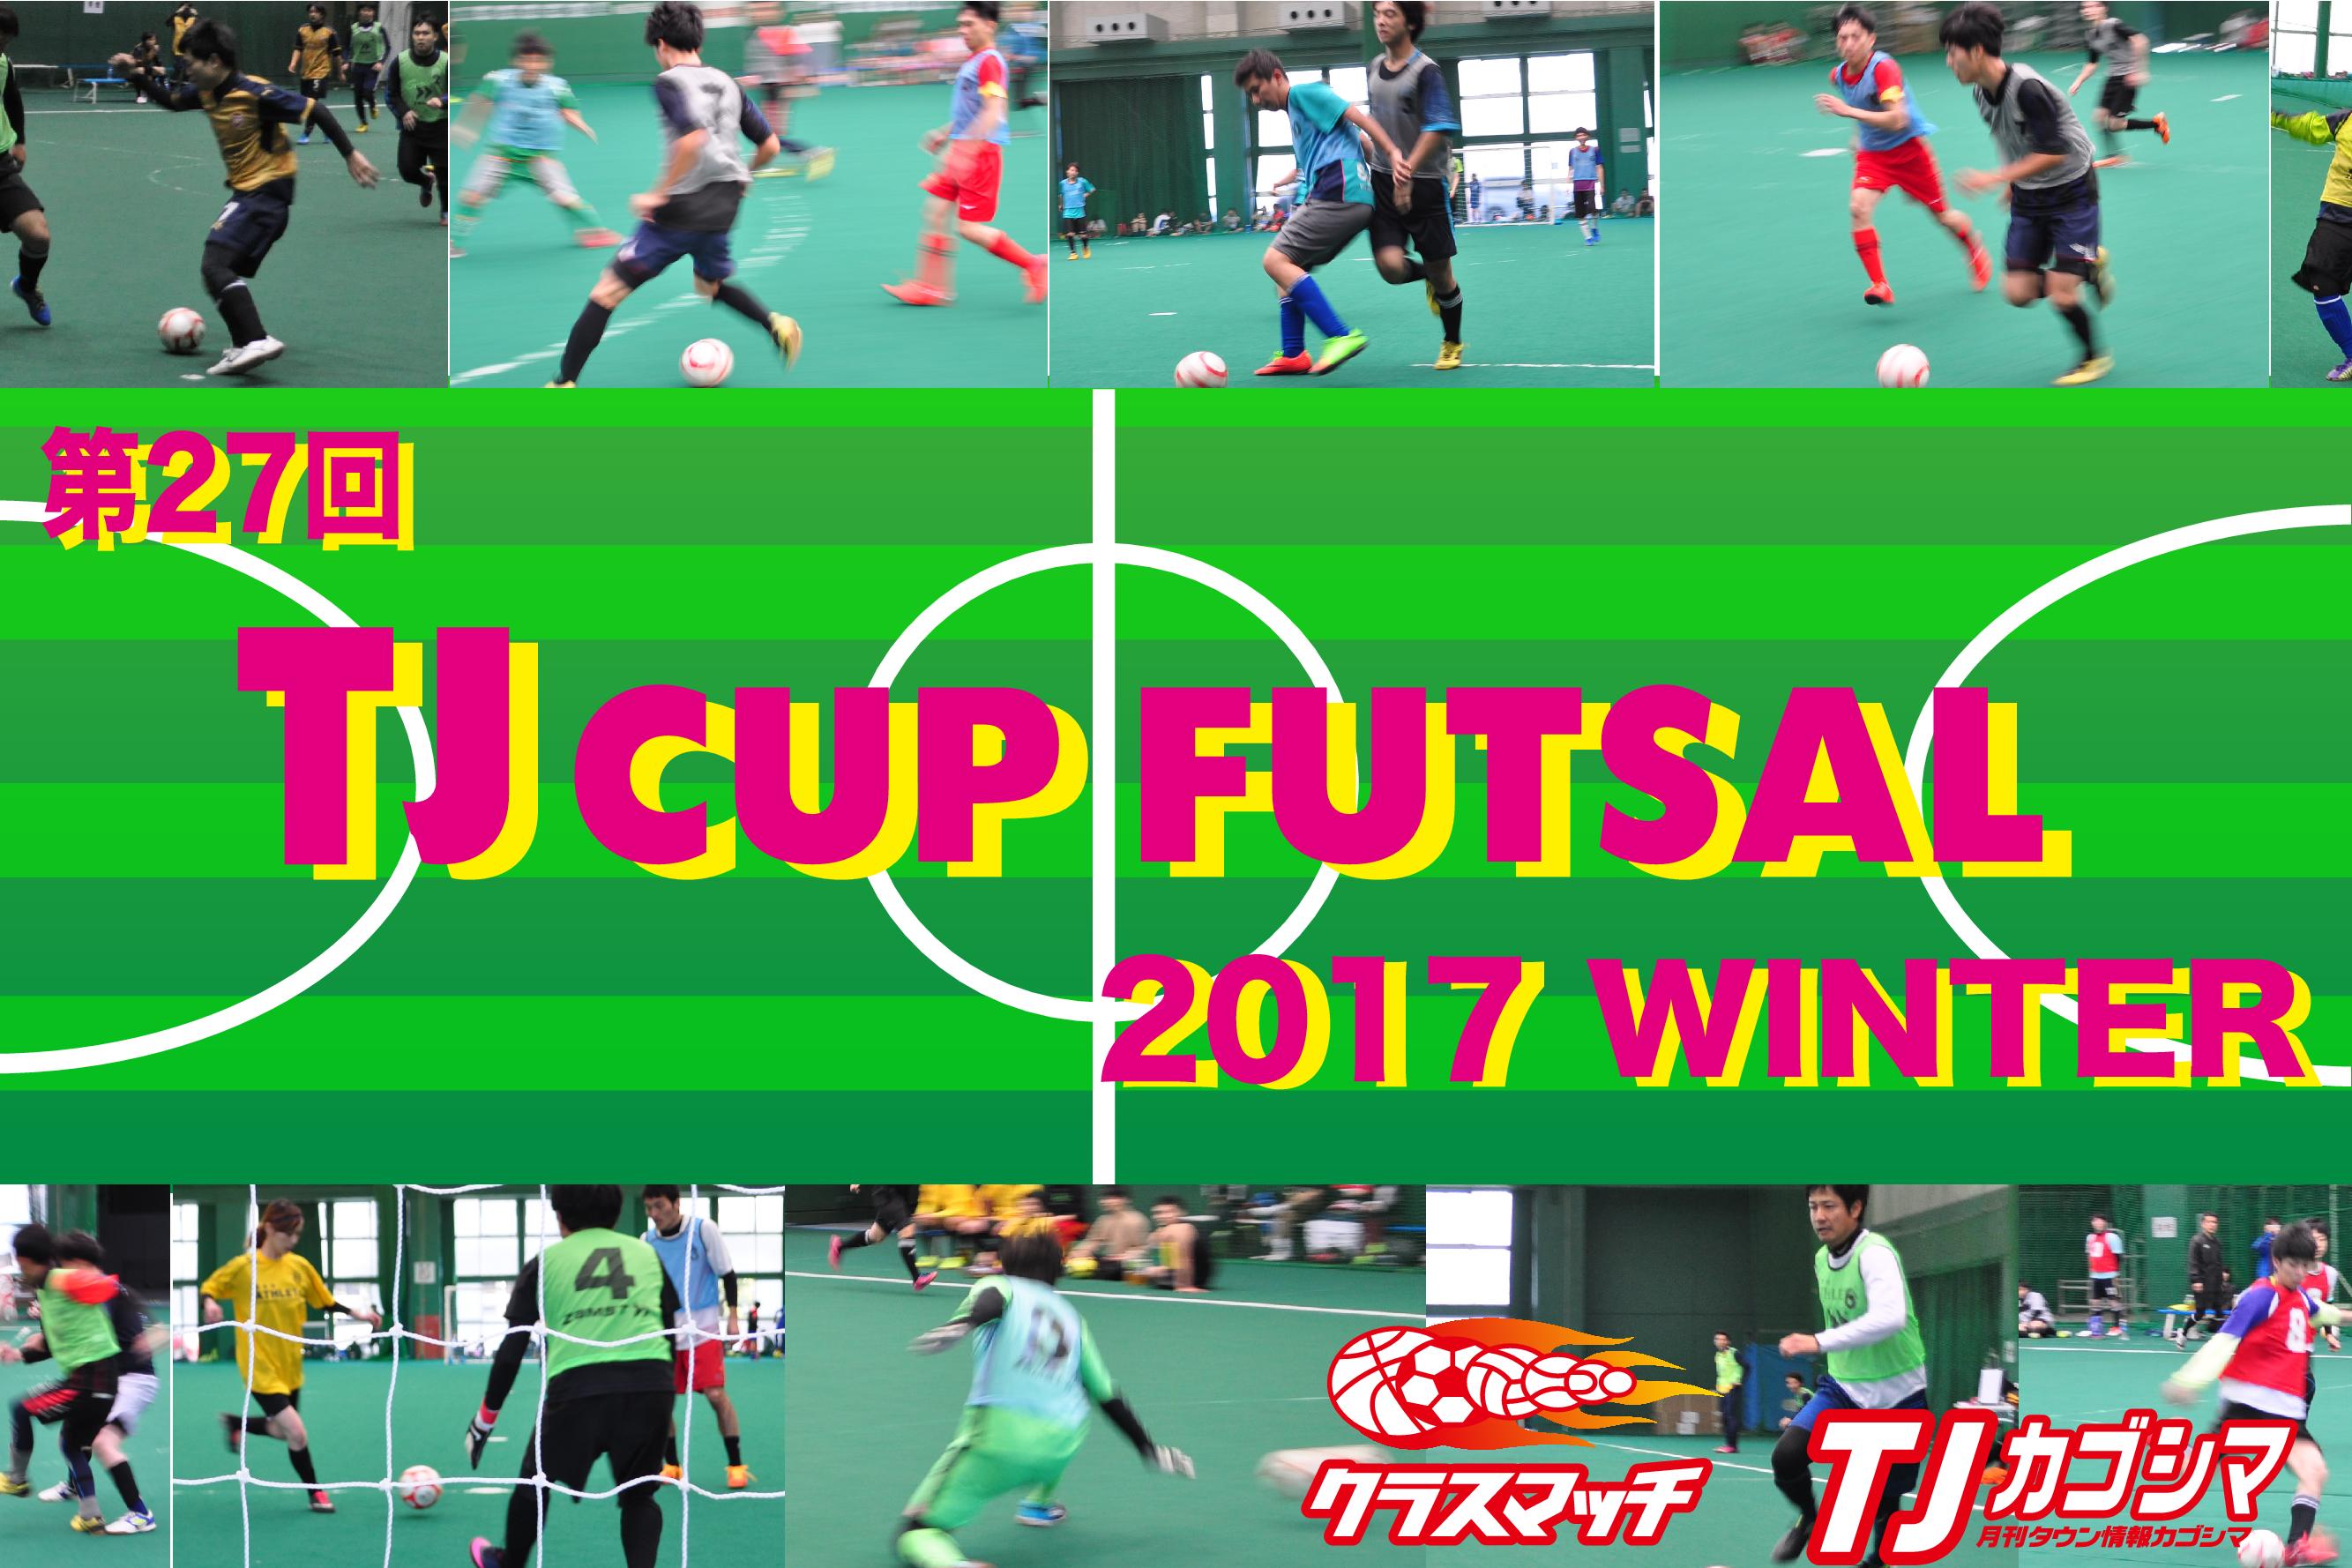 第27回TJ CUP FUTSAL 2017 WINTER